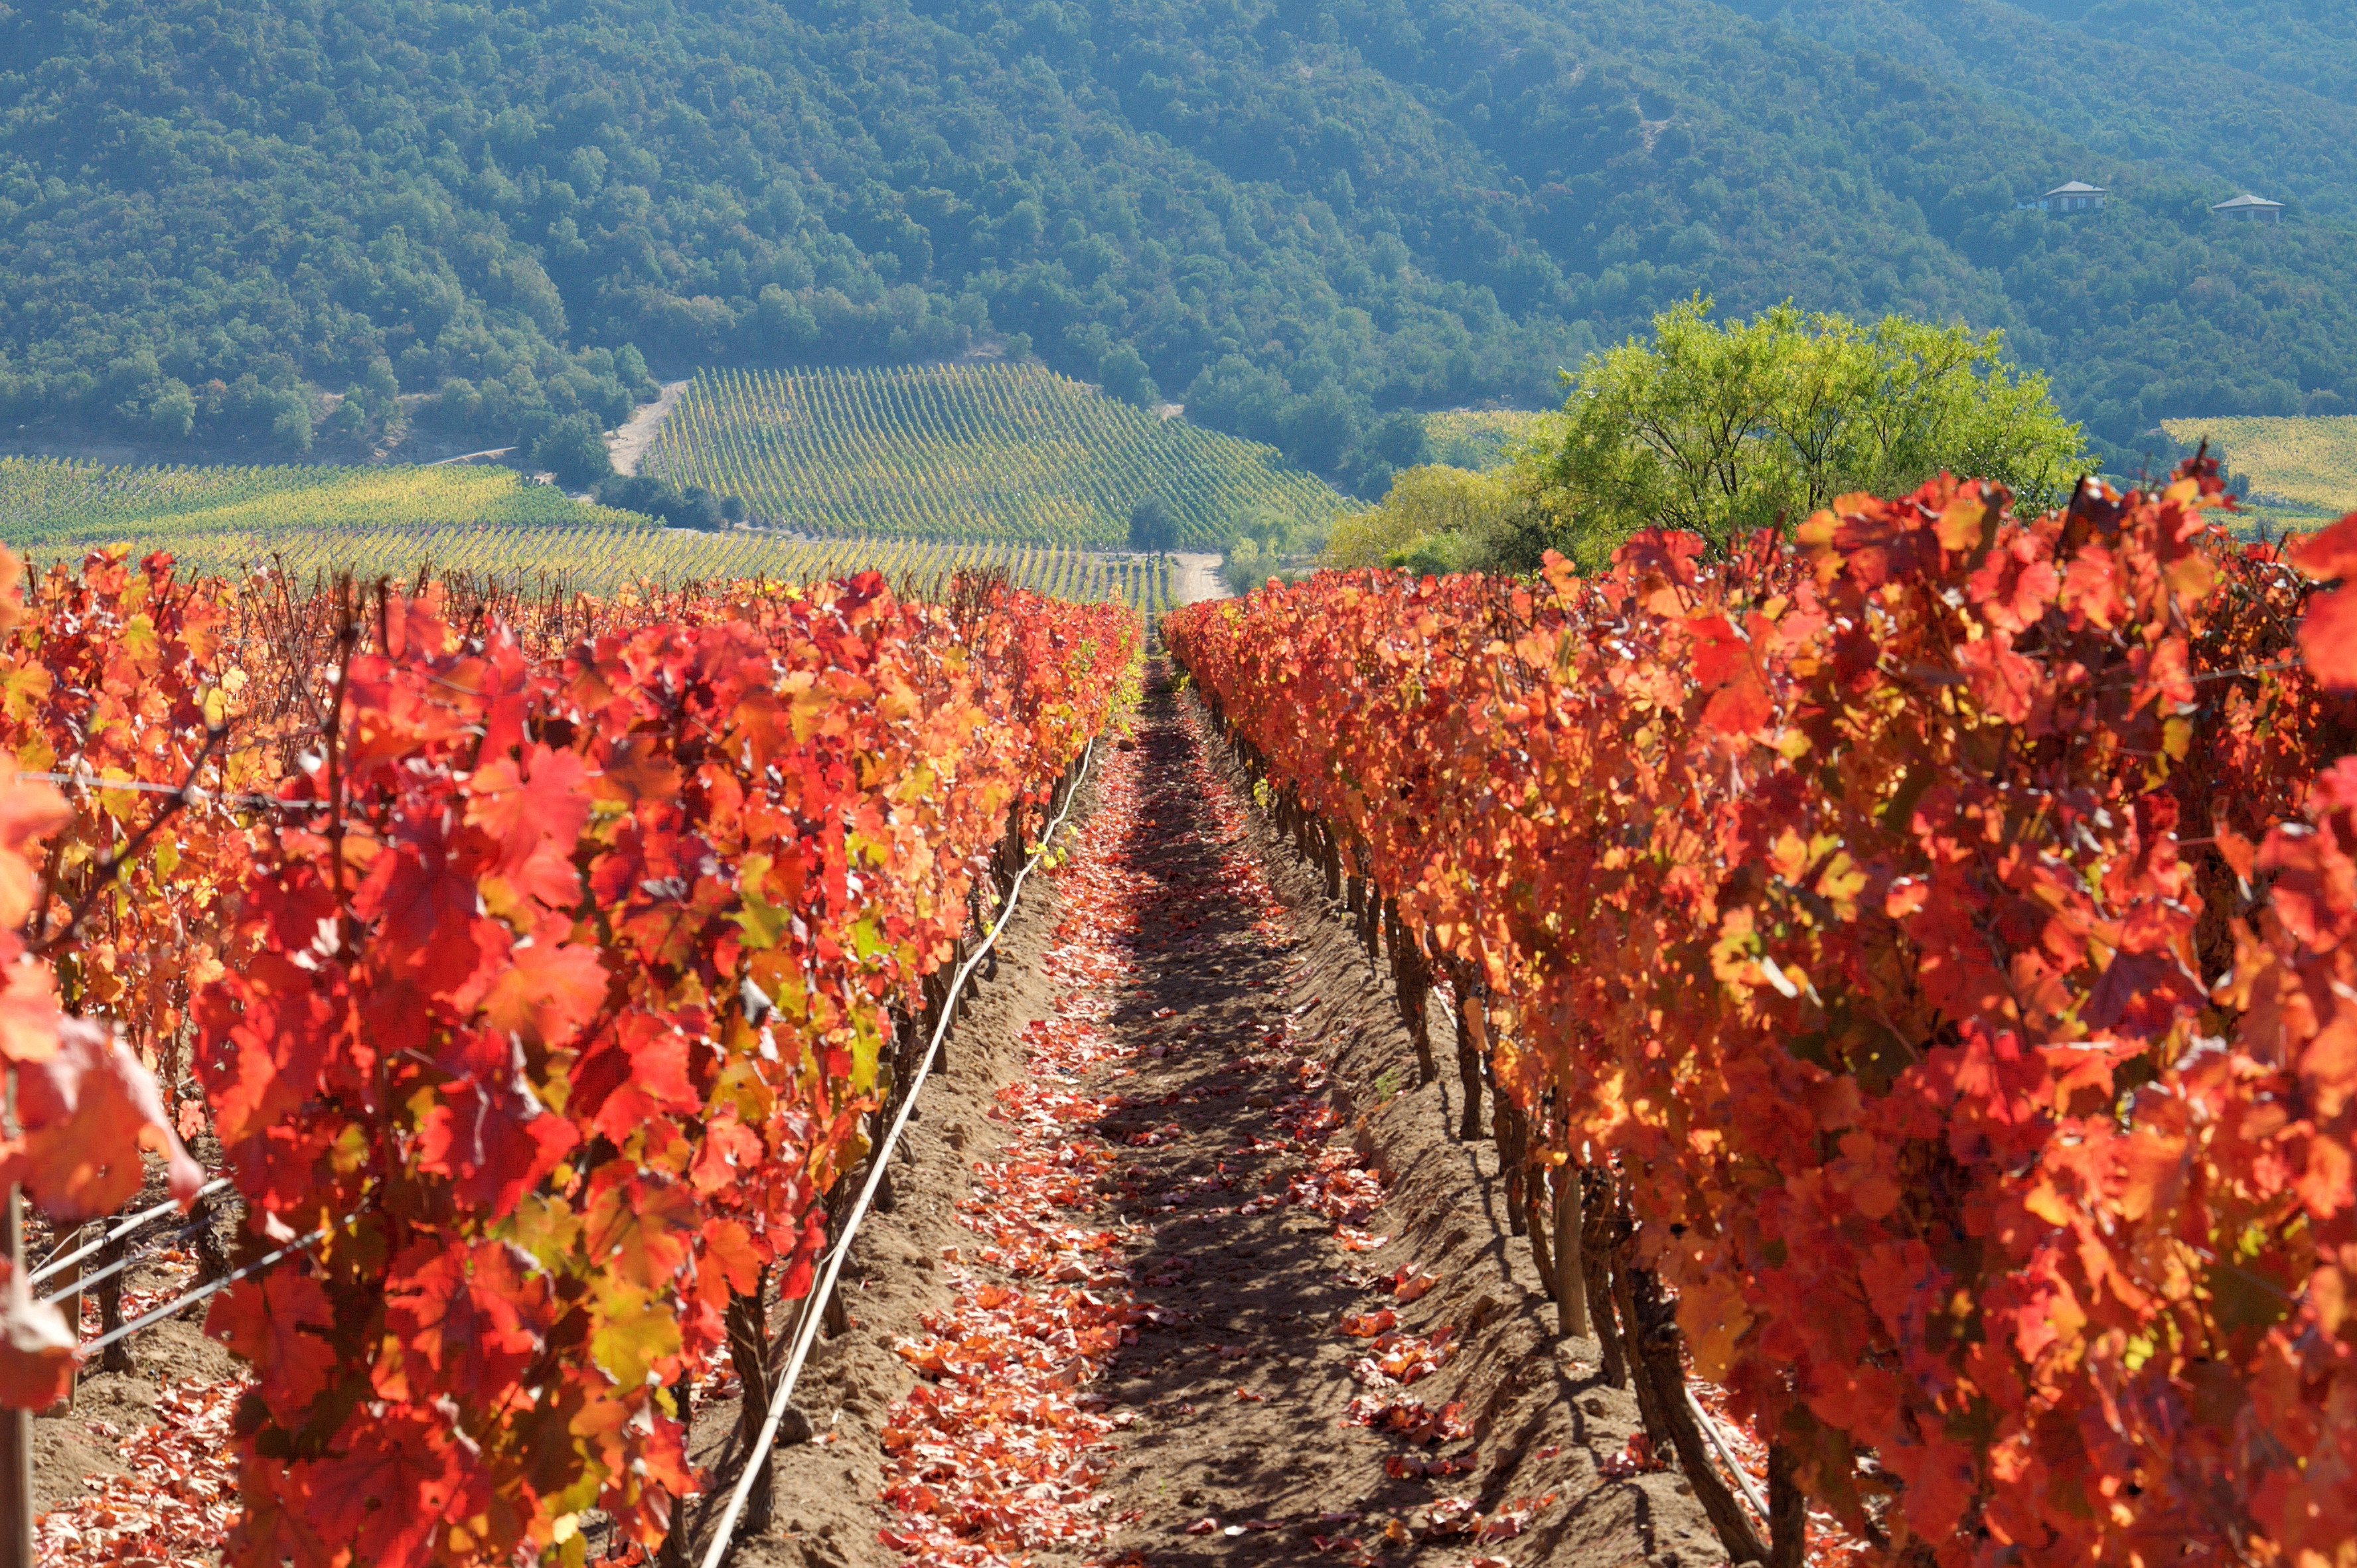 Чилийское вино — хорошее? Куда поехать на винный тур в Чили